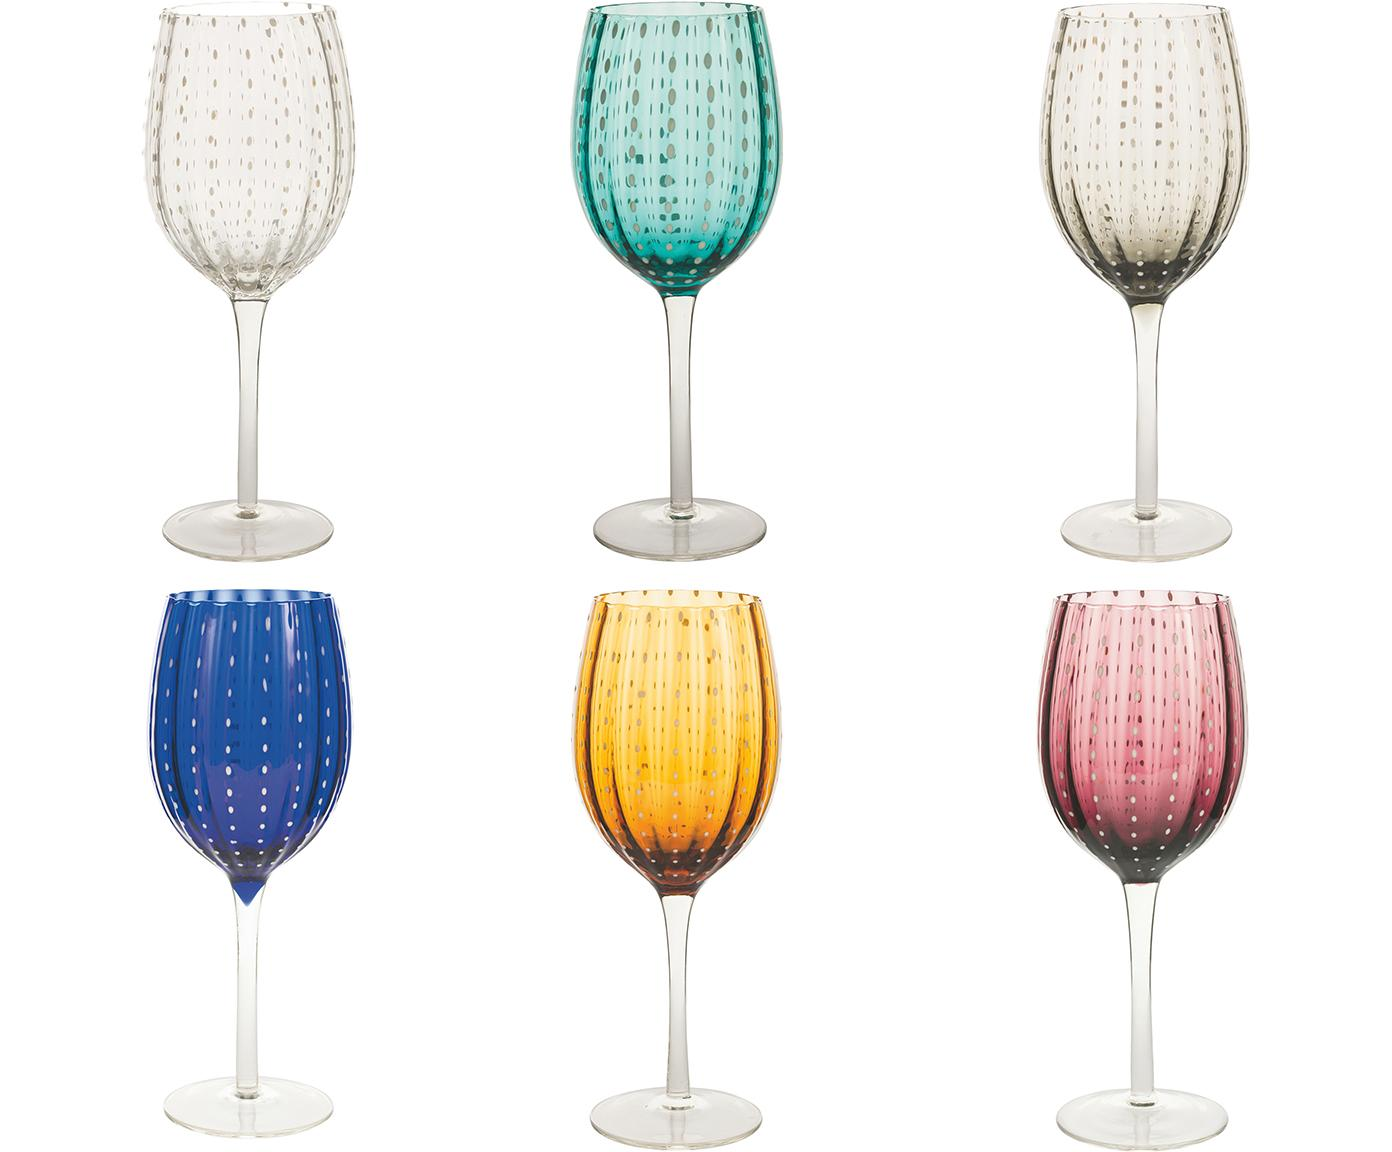 Copas de vino de colores Shiraz, 6uds., Vidrio, Multicolor, Ø 7x Al 23 cm